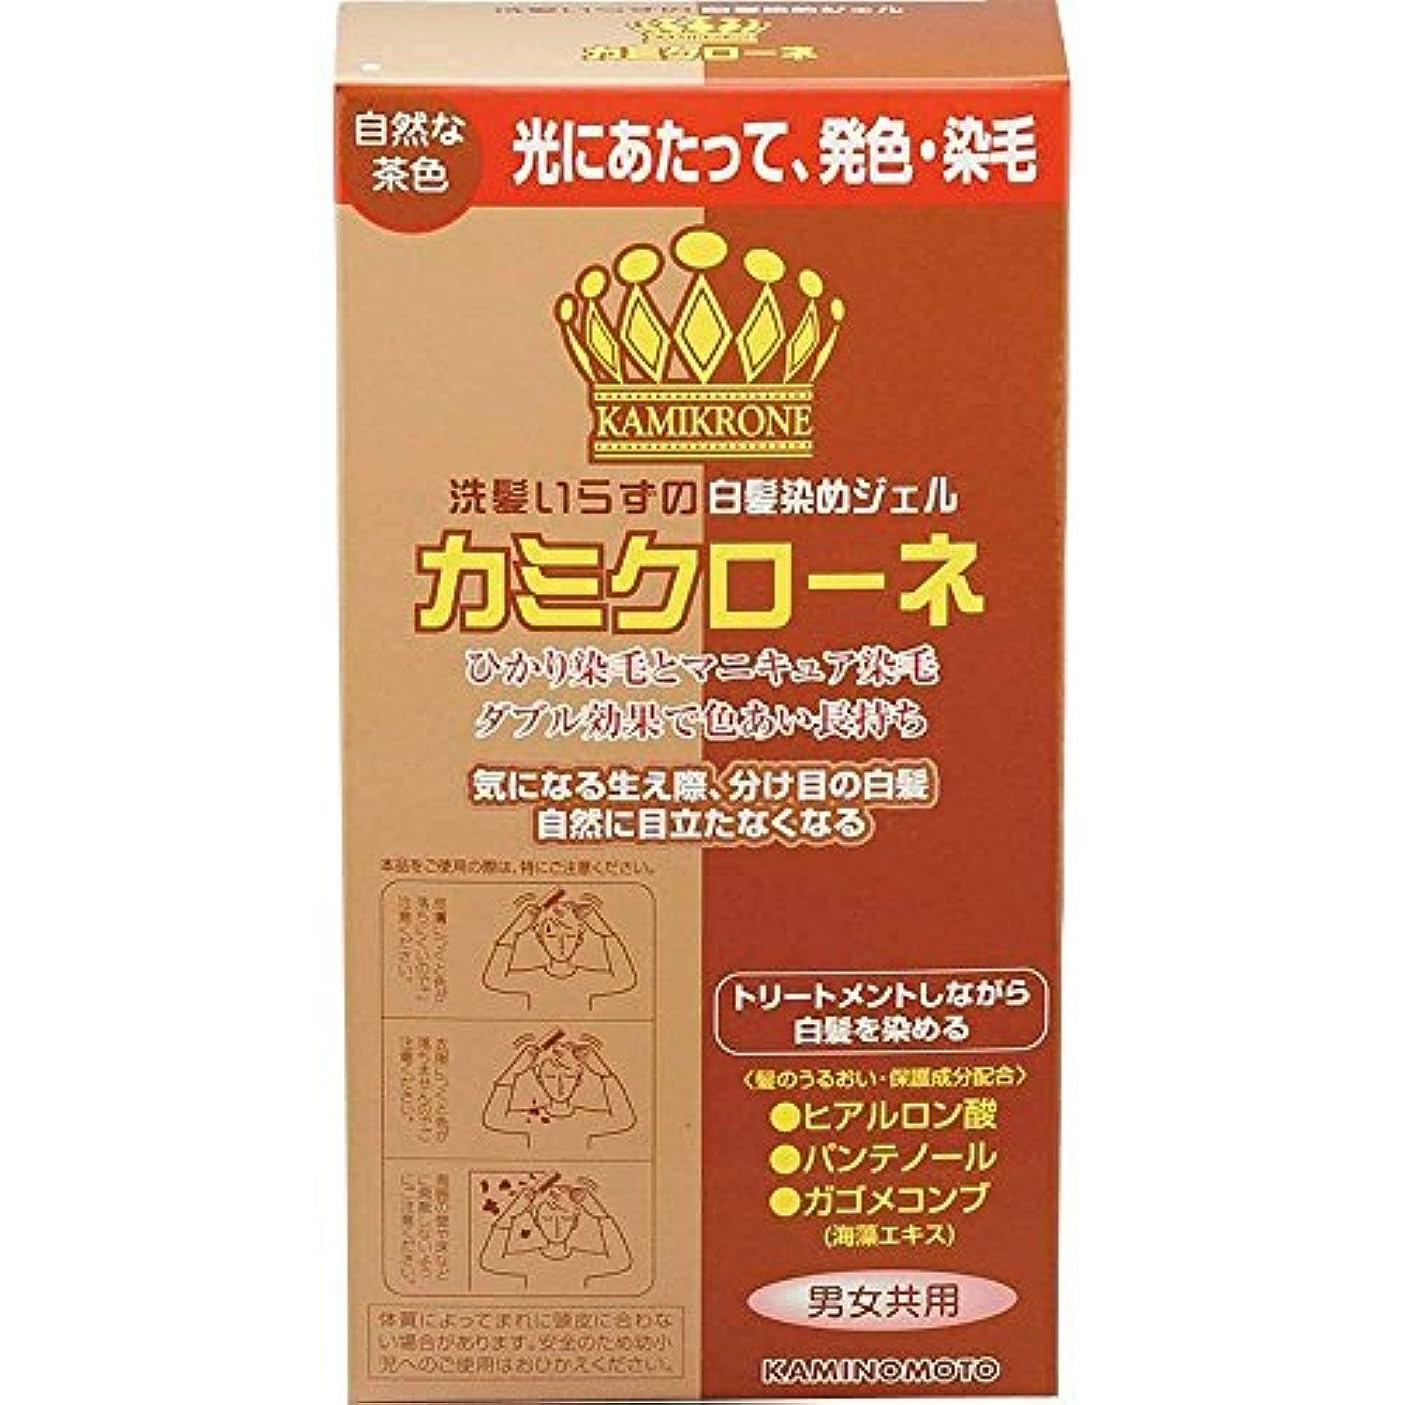 豆腐連帯映画加美乃素 カミクローネ ナチュラルブラウン 80ml×6個